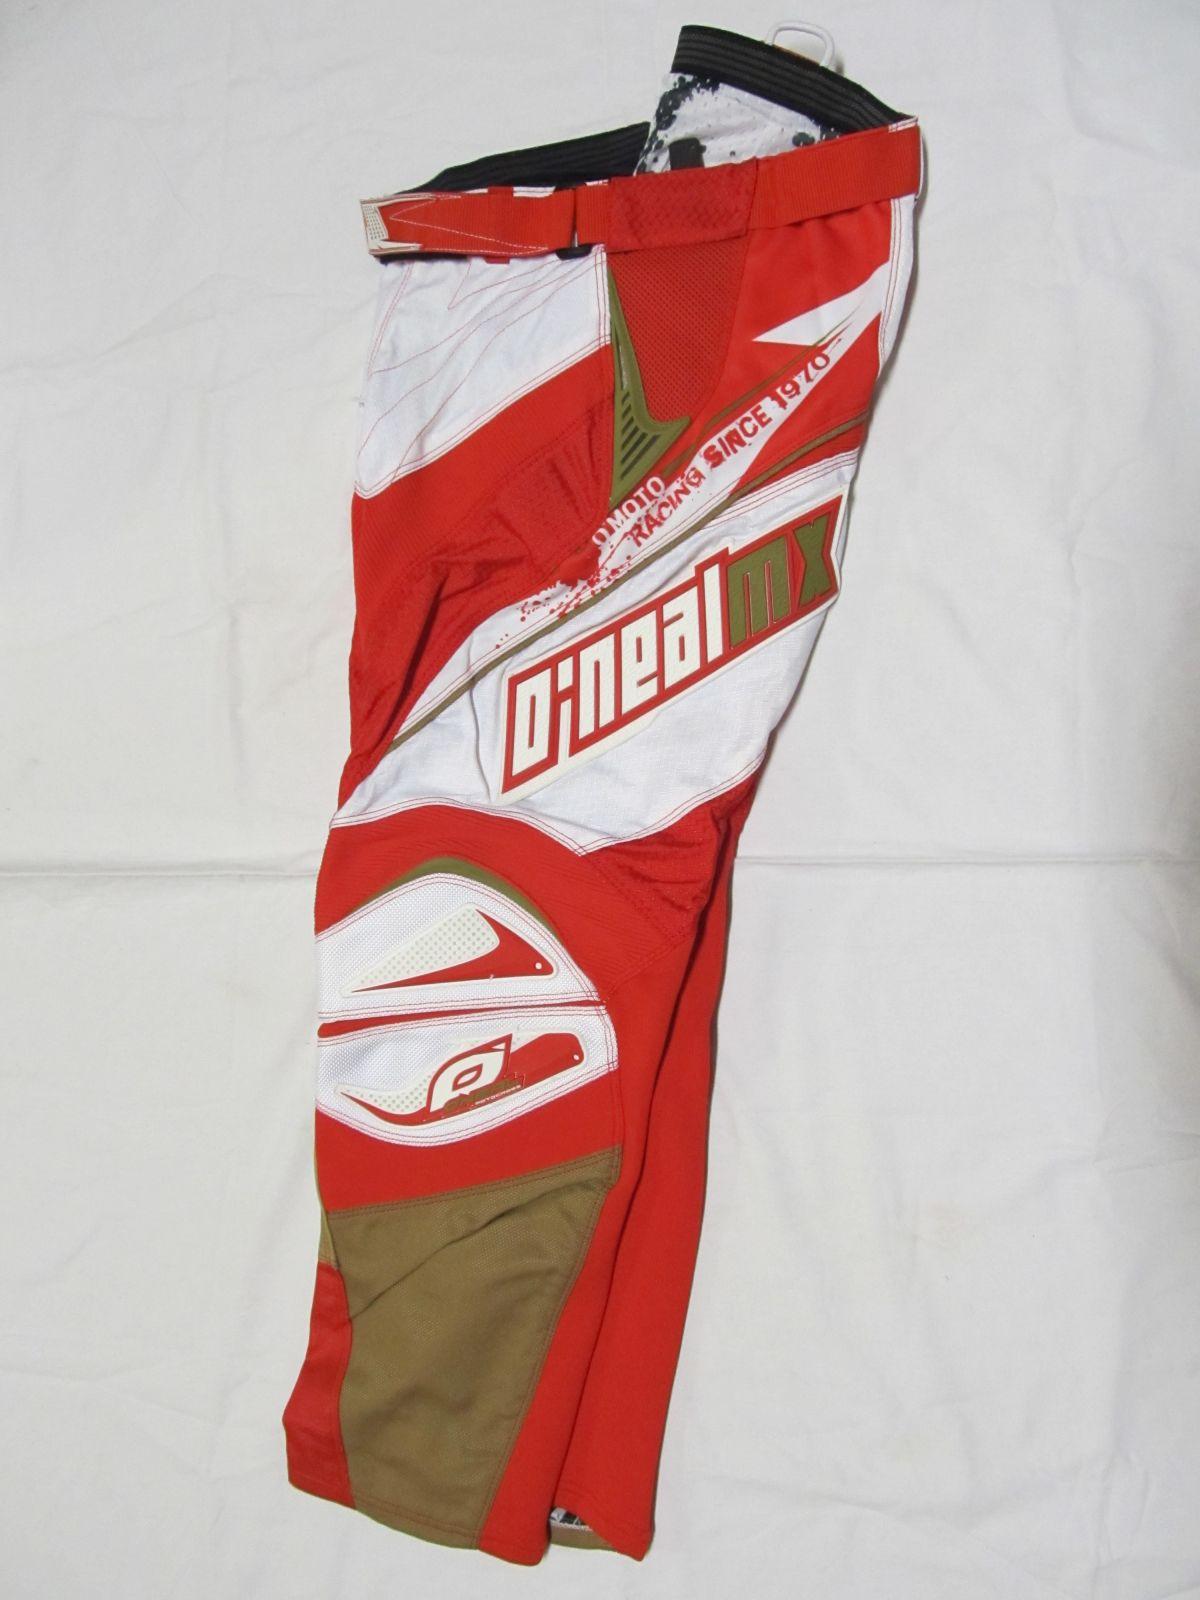 Kalhoty Hardwear-červená/bílá ONEAL